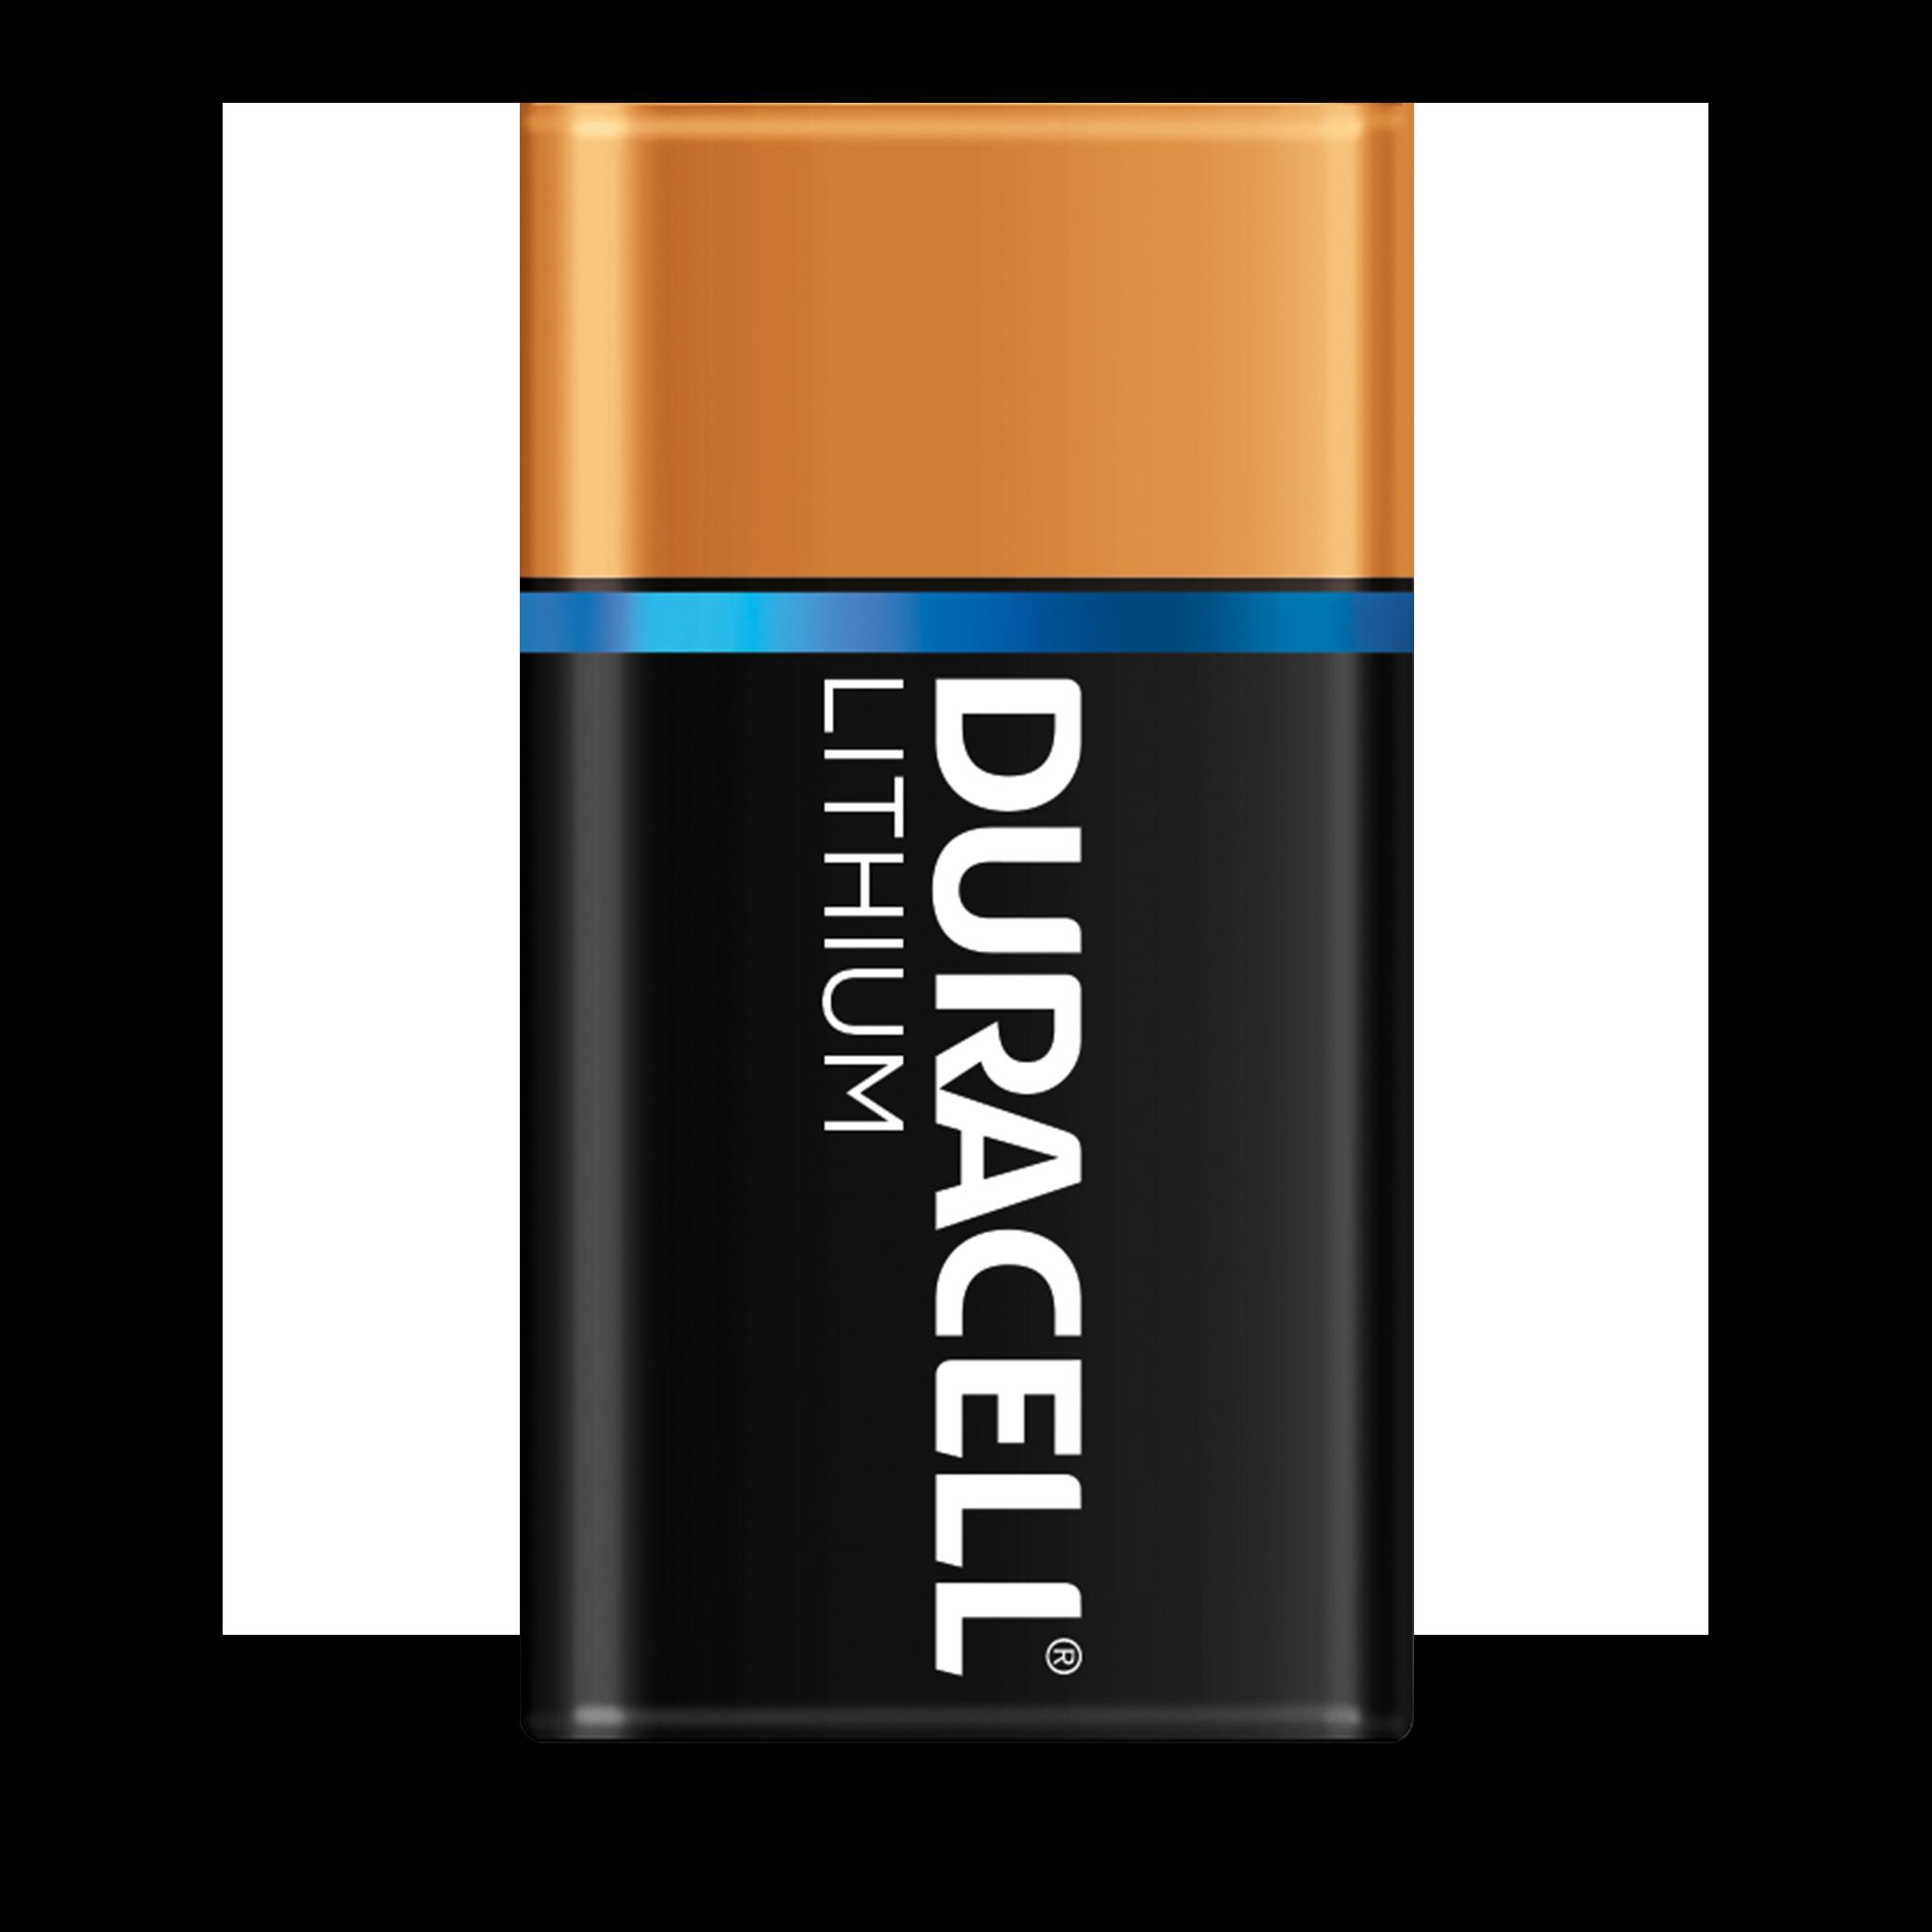 Batterie CR3 autonome